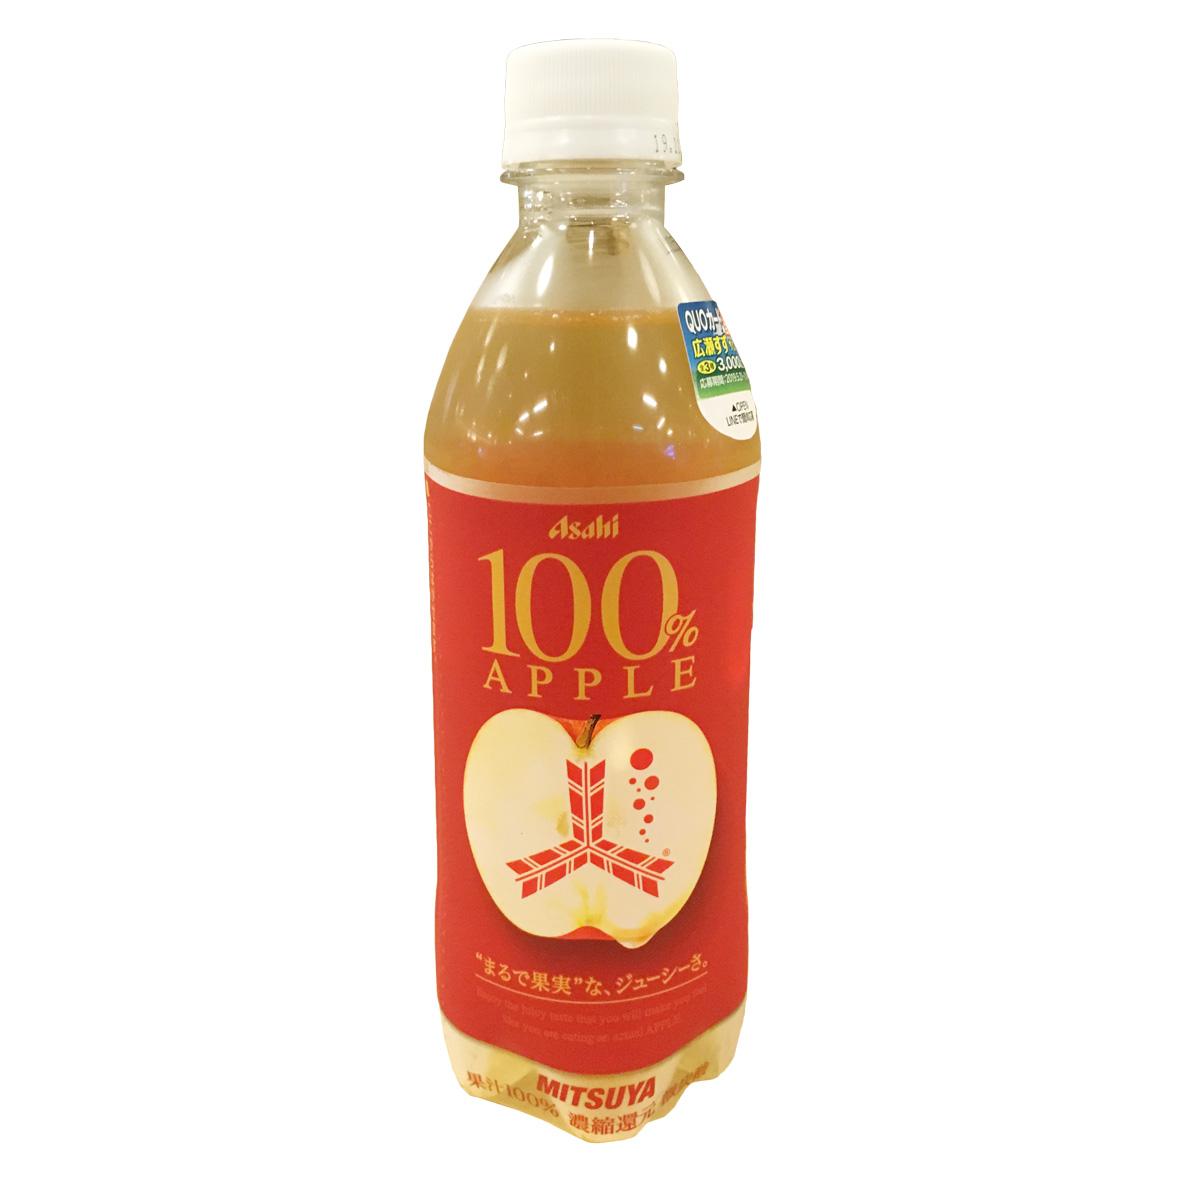 「Asahi 三ツ矢 100% アップル」爽やかで飲みやすい100%りんごのジュース